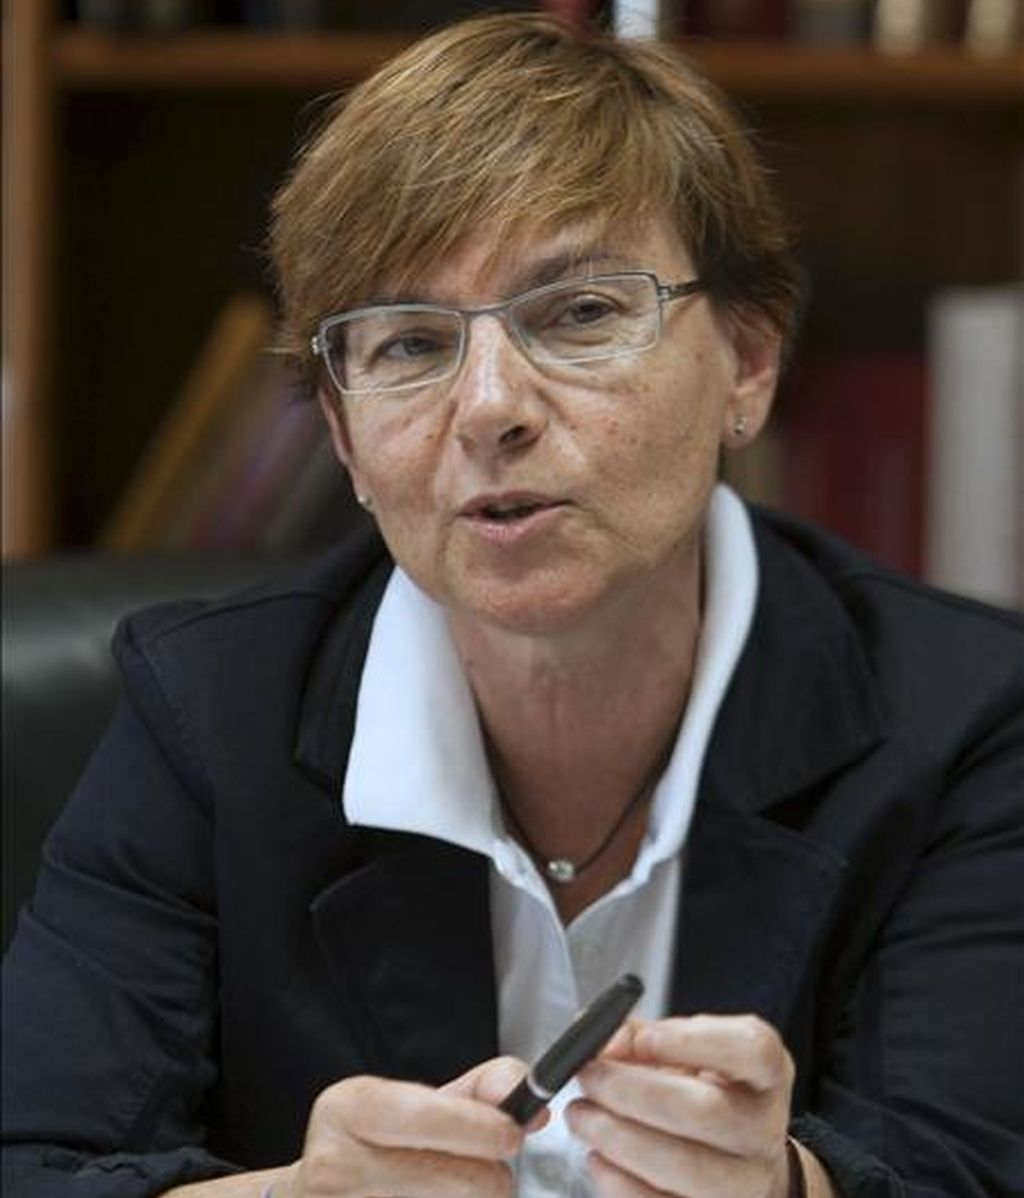 La consejera vasca de Empleo y Asuntos Sociales, Gemma Zabaleta. EFE/Archivo